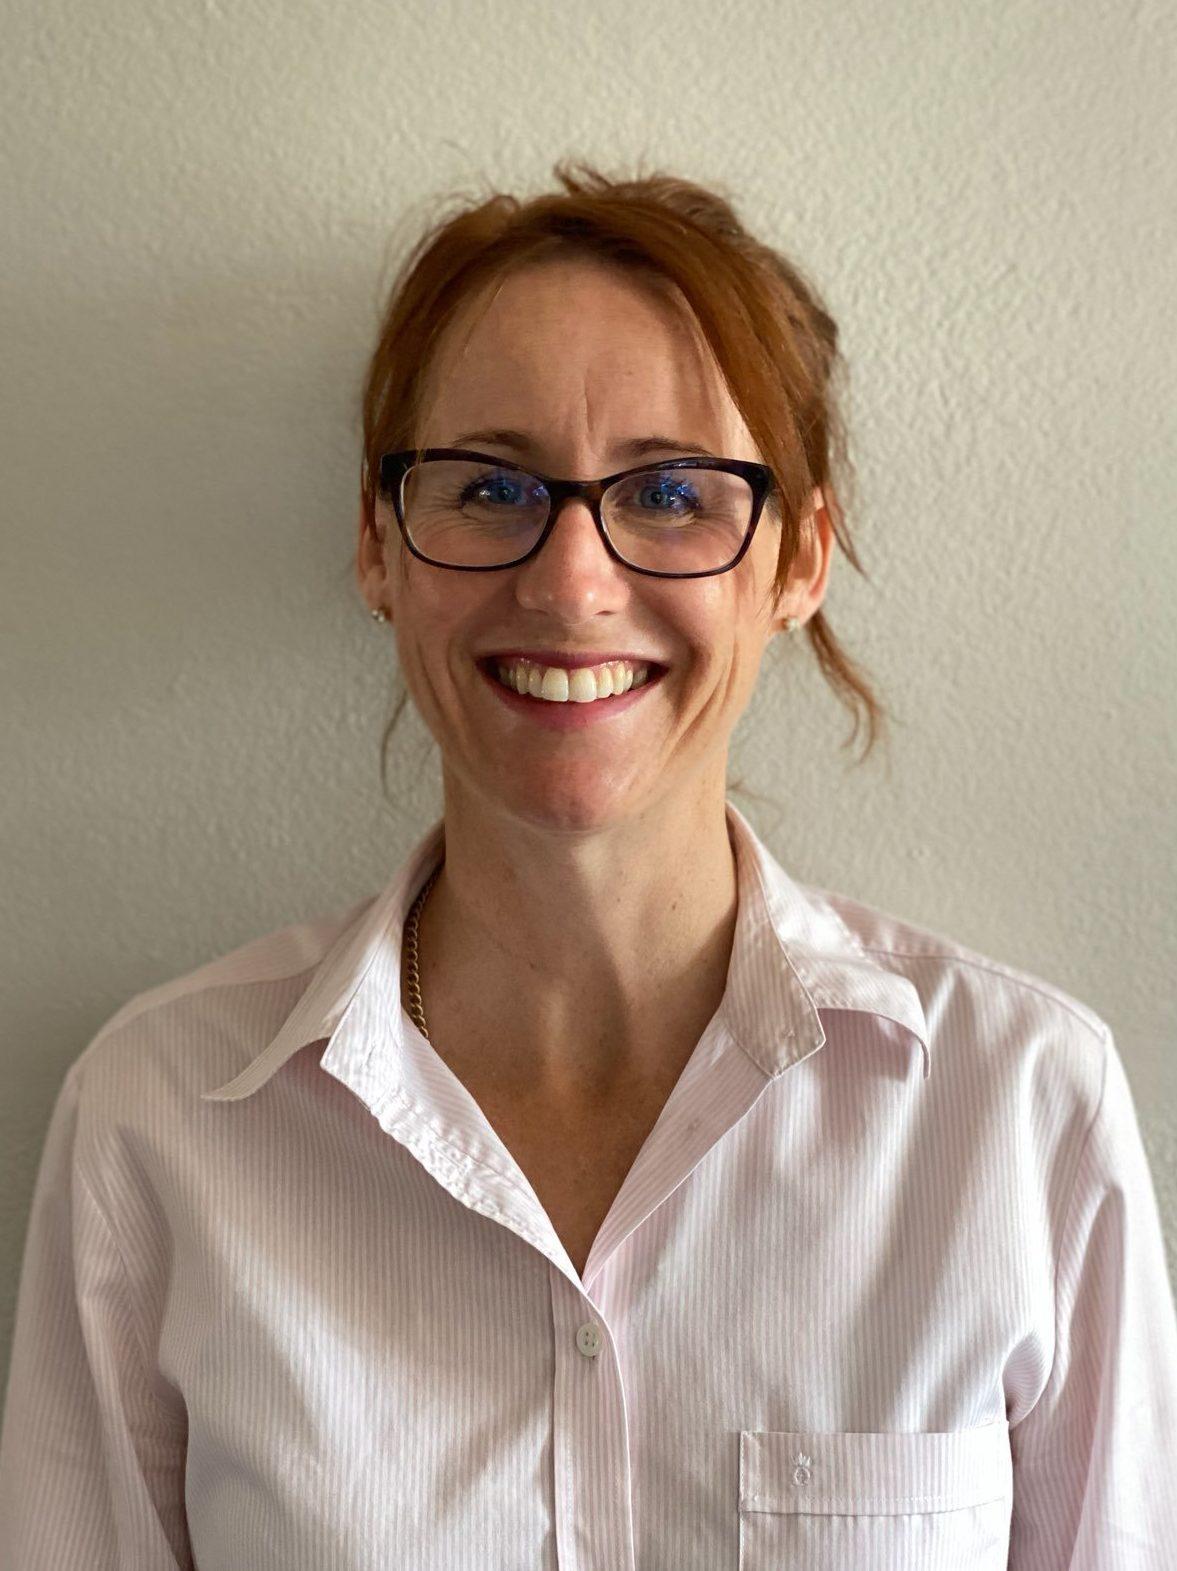 Emma Ratajczyk